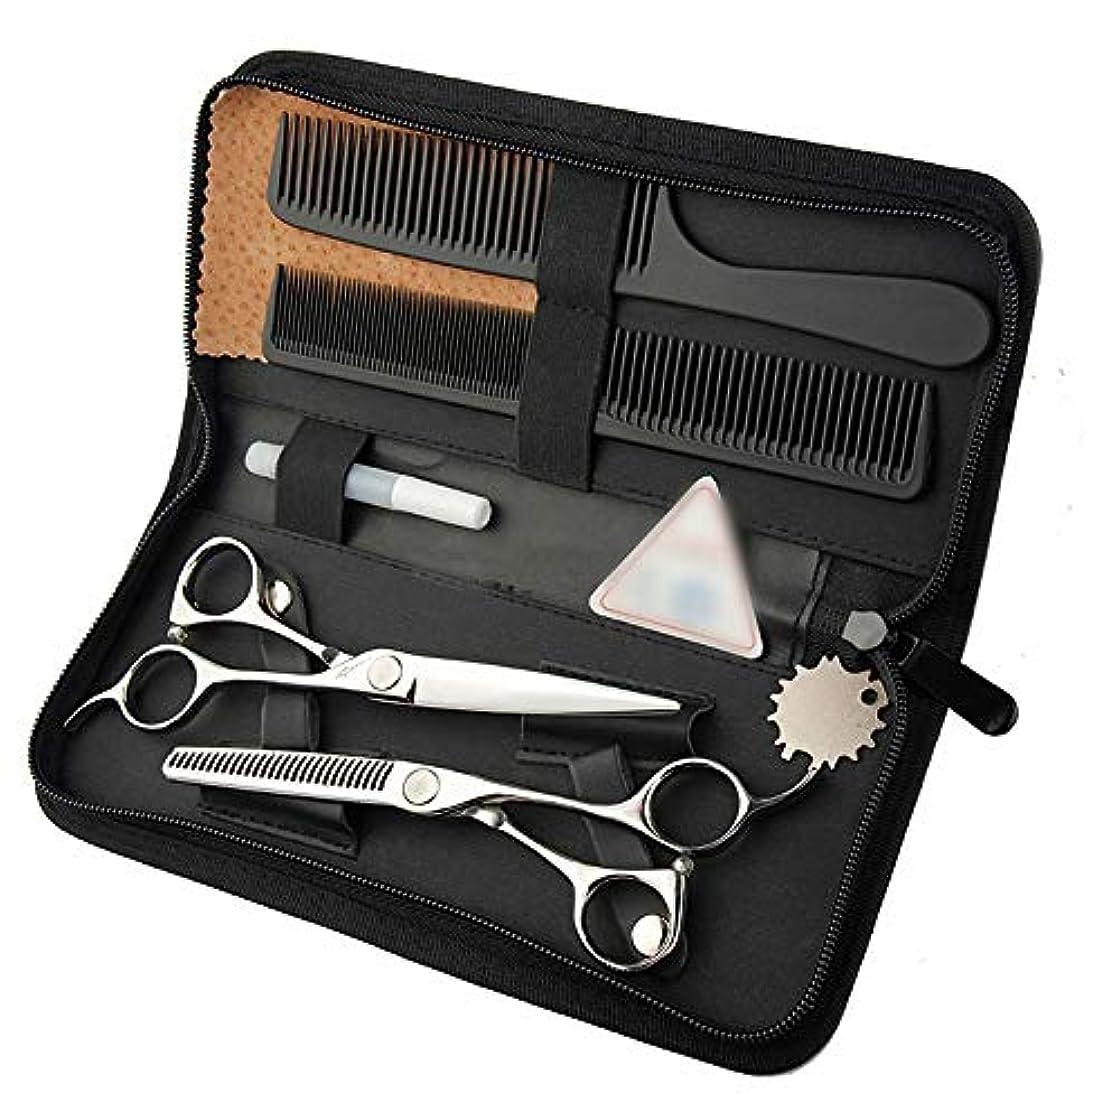 致死有効化視聴者6インチ美容院プロのヘアカットセット、ビッグサムライカットフラット+歯シザーセット ヘアケア (色 : Silver)